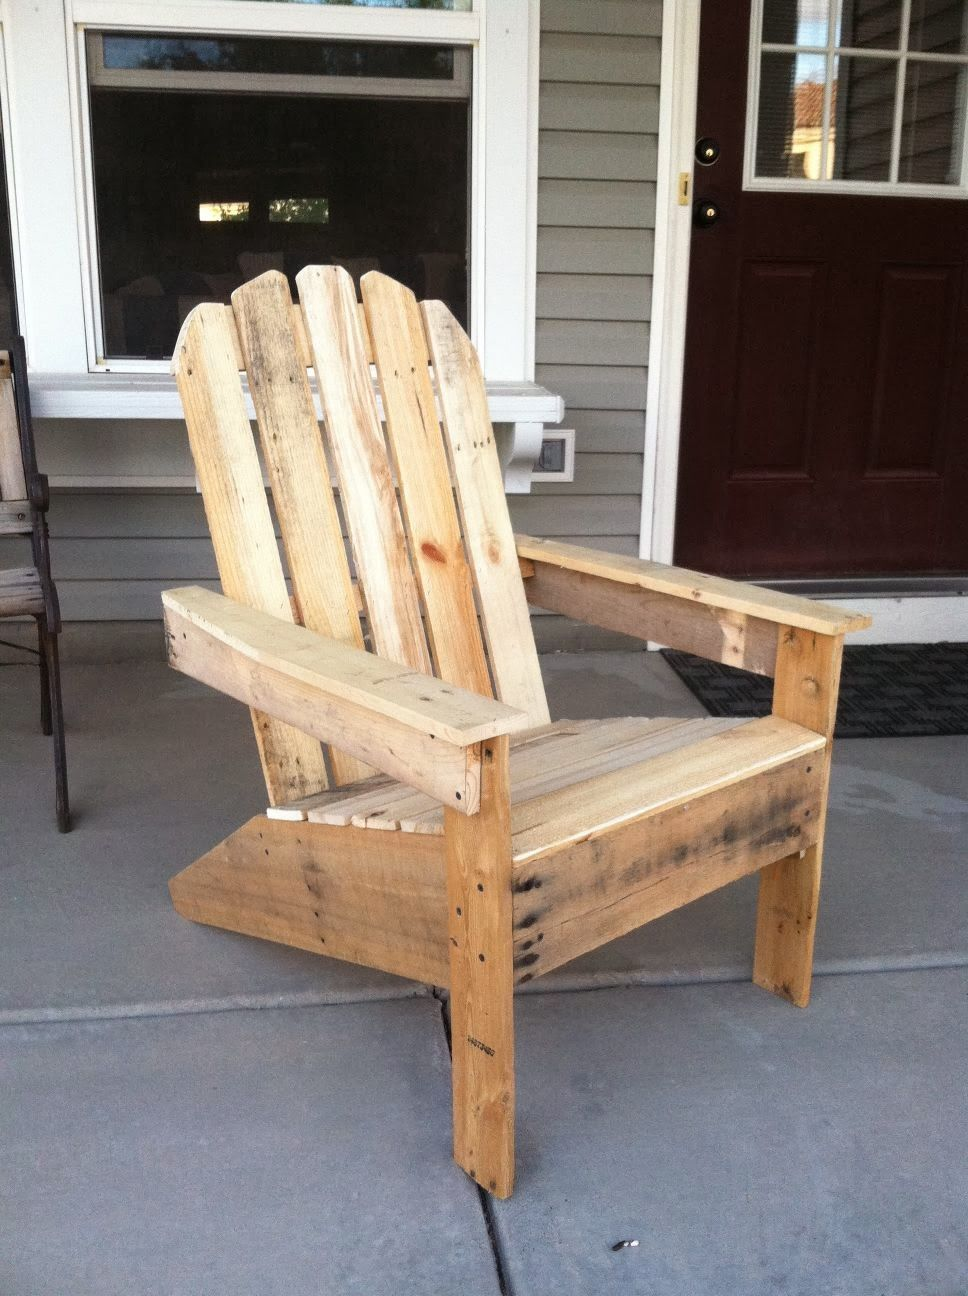 Librer a y silla fabricadas con palets muebles de palets local muebles muebles con palets - Como hacer sillas con palets ...